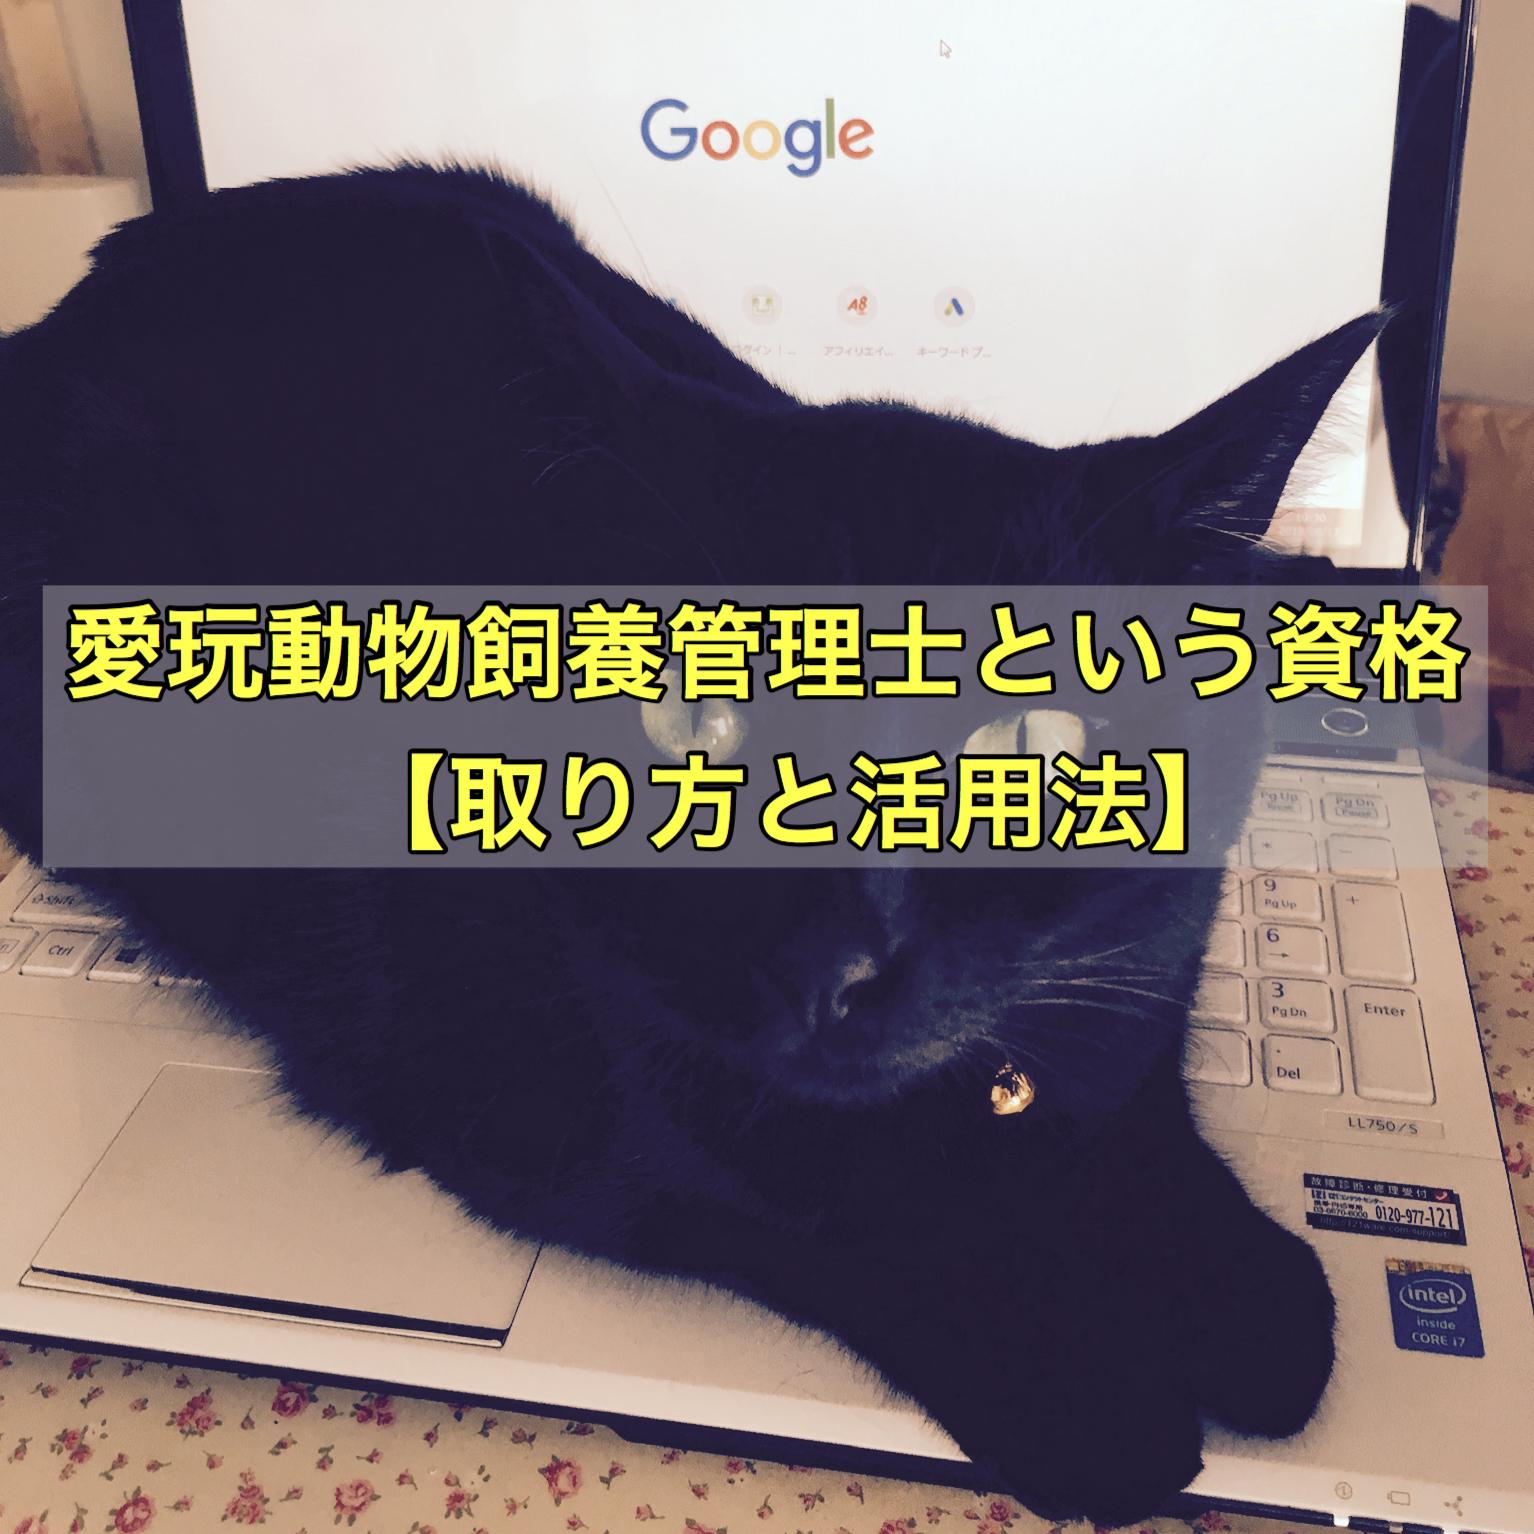 愛玩動物飼養管理士という資格【取り方と活用法】